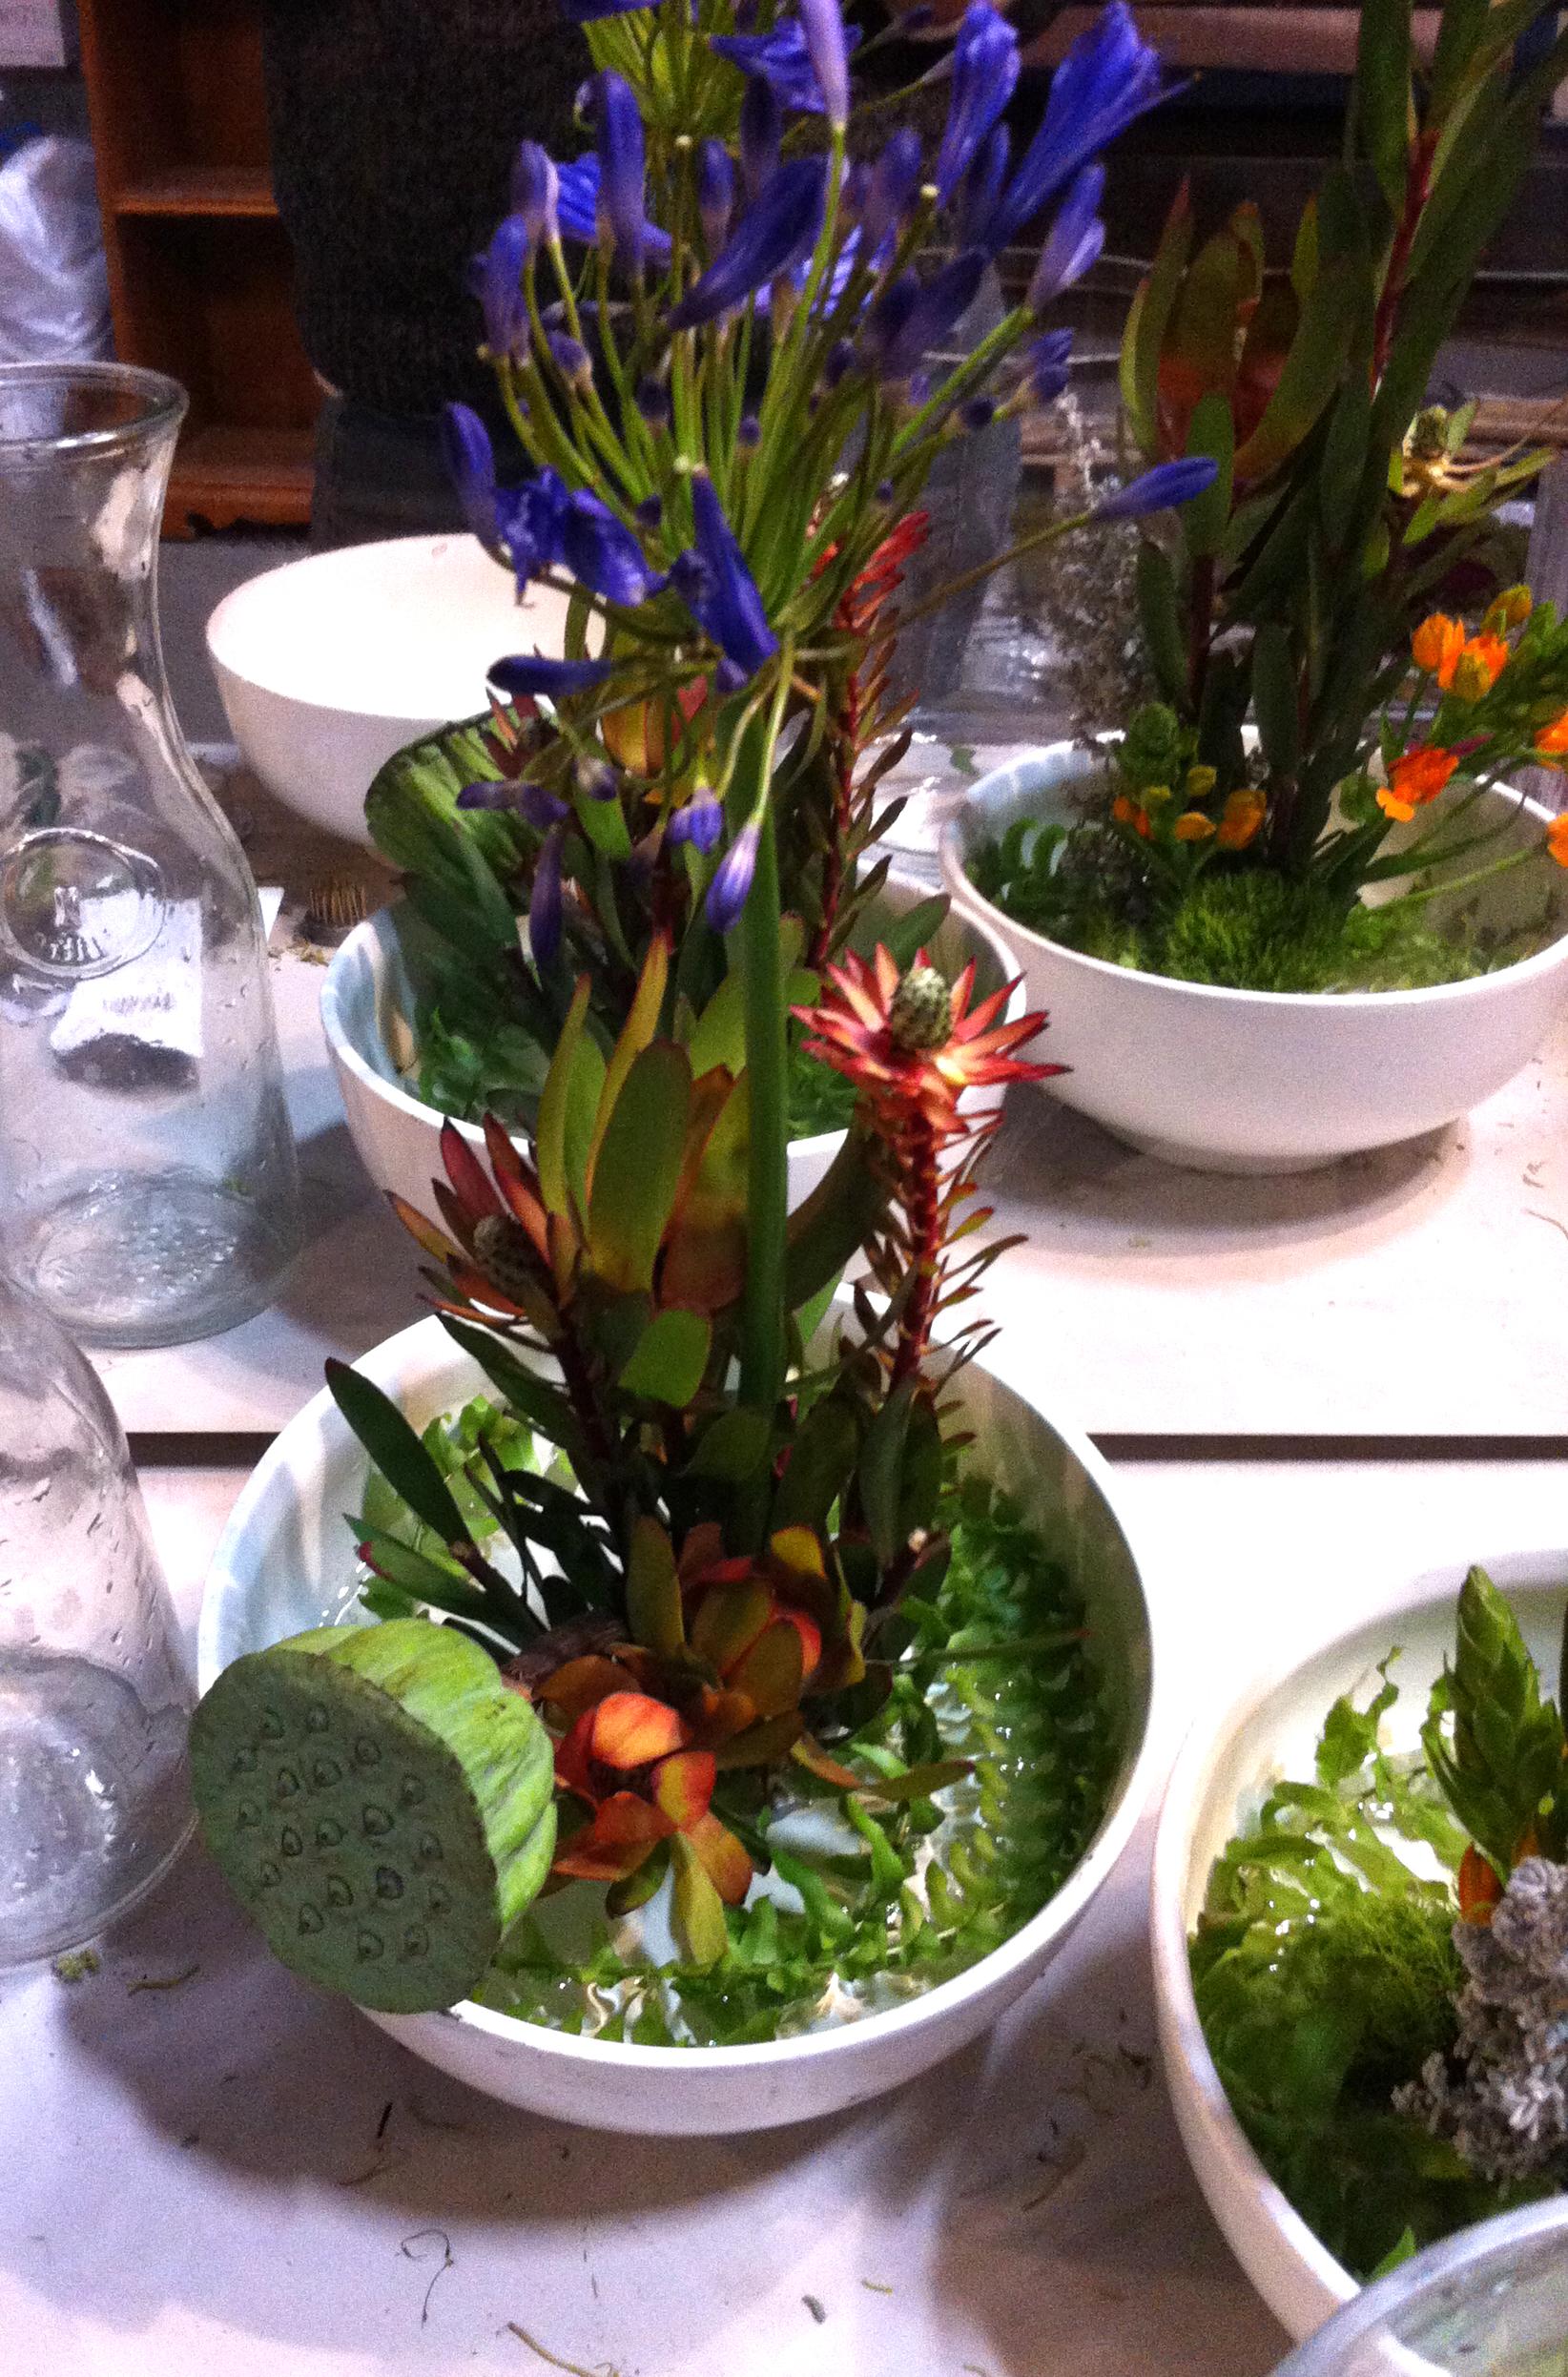 SSlunaflowers1.jpg